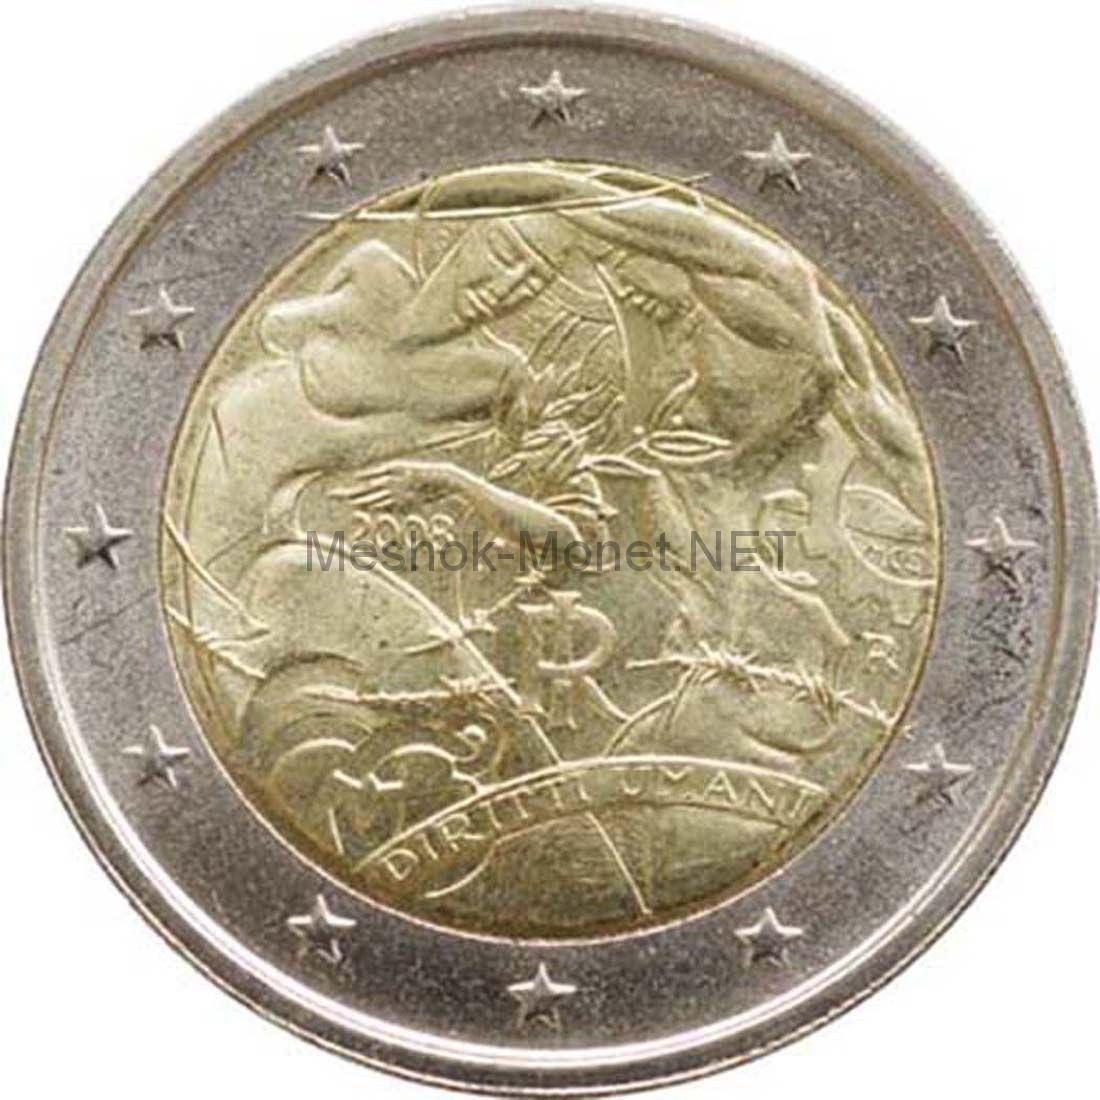 Италия 2 евро 2008, 60 лет Декларации прав человека